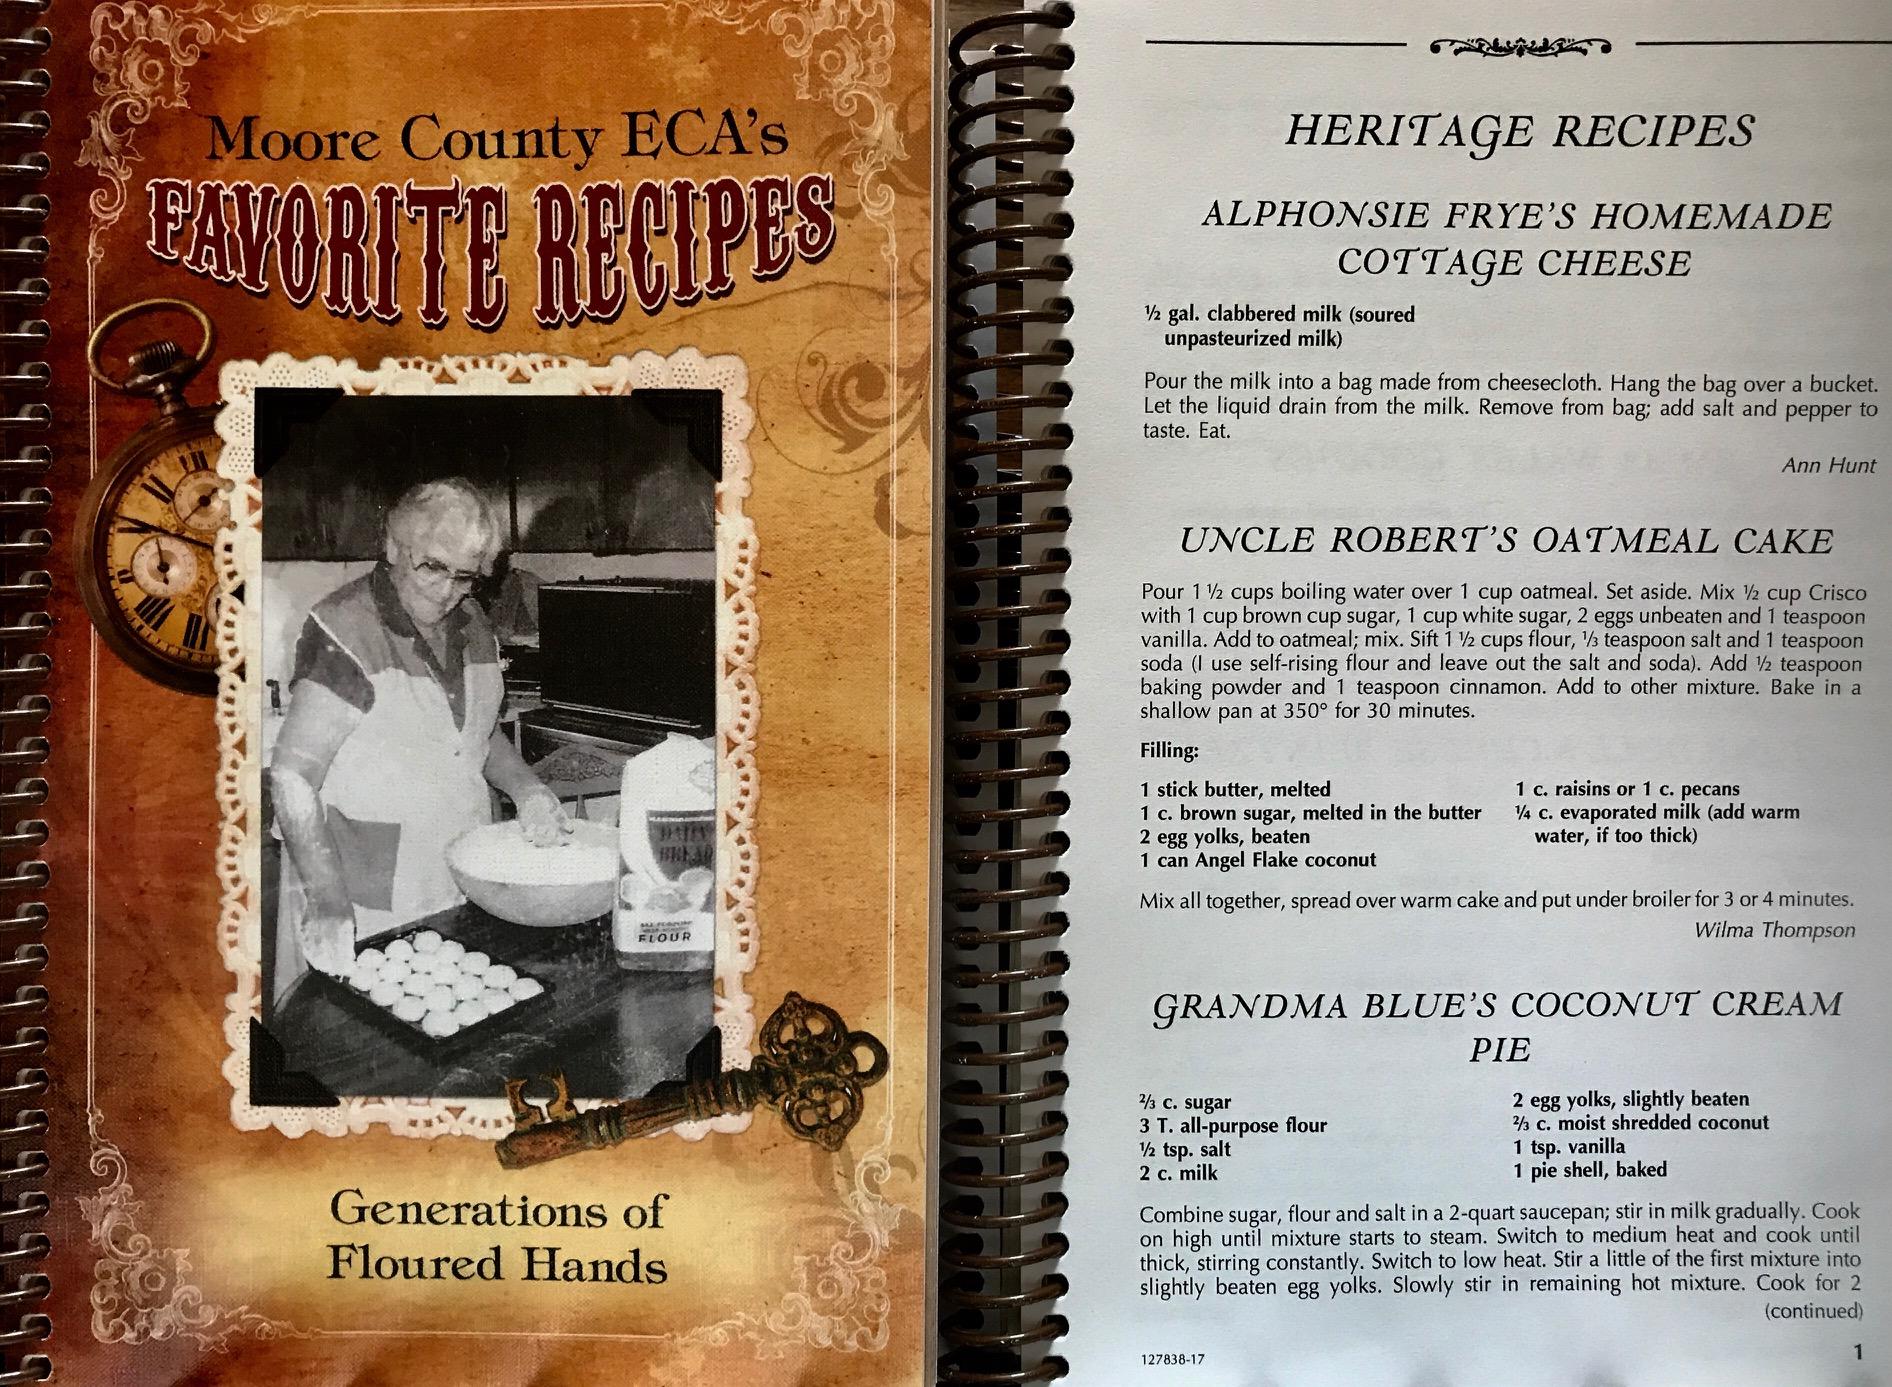 Moore County ECA Cookbook